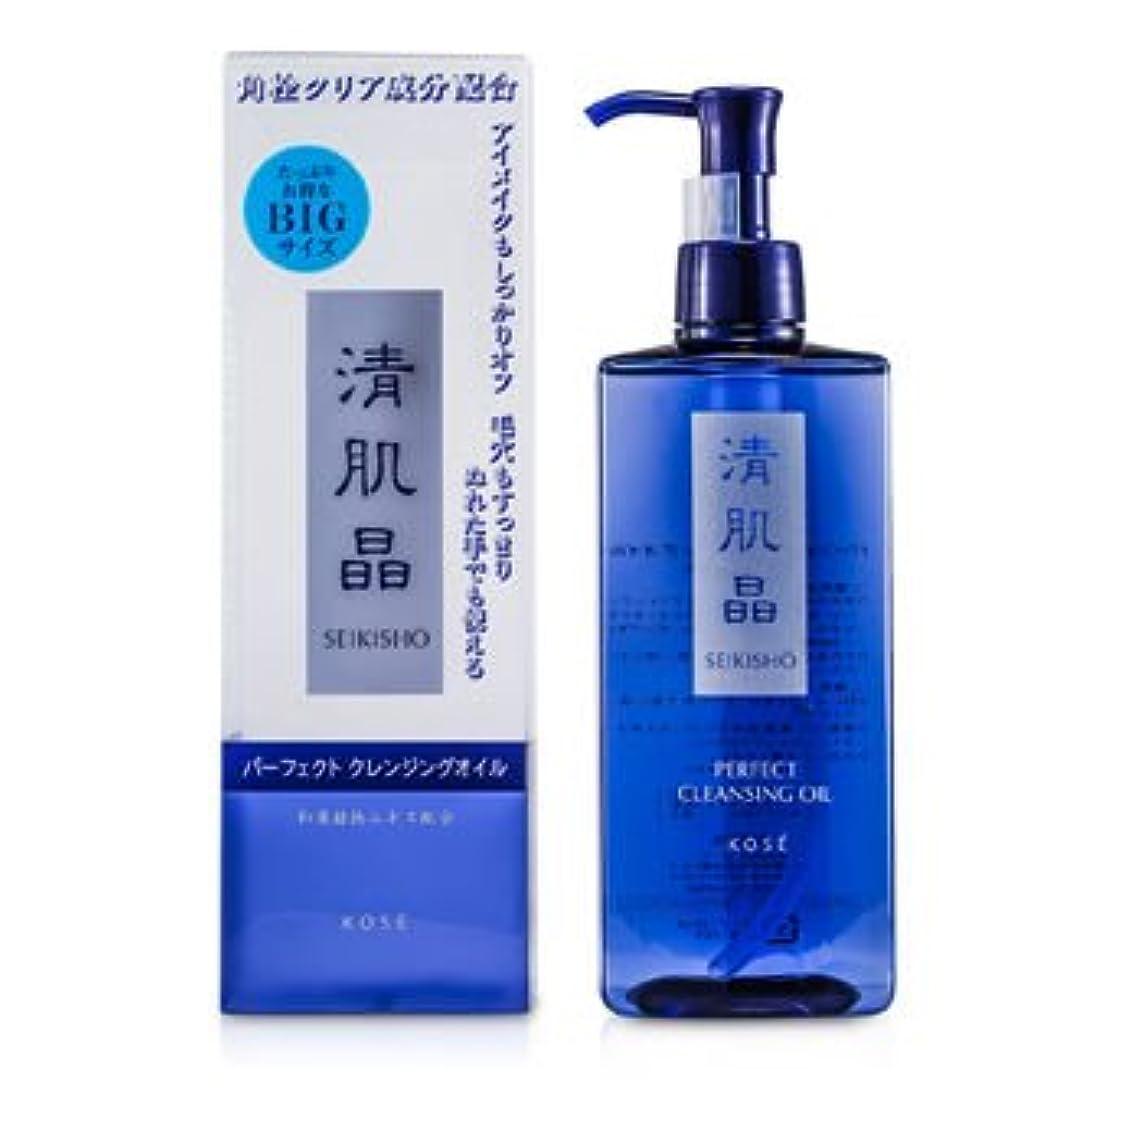 すばらしいです警戒検査コーセー Seikisho Perfect Cleansing Oil 330ml/11oz並行輸入品